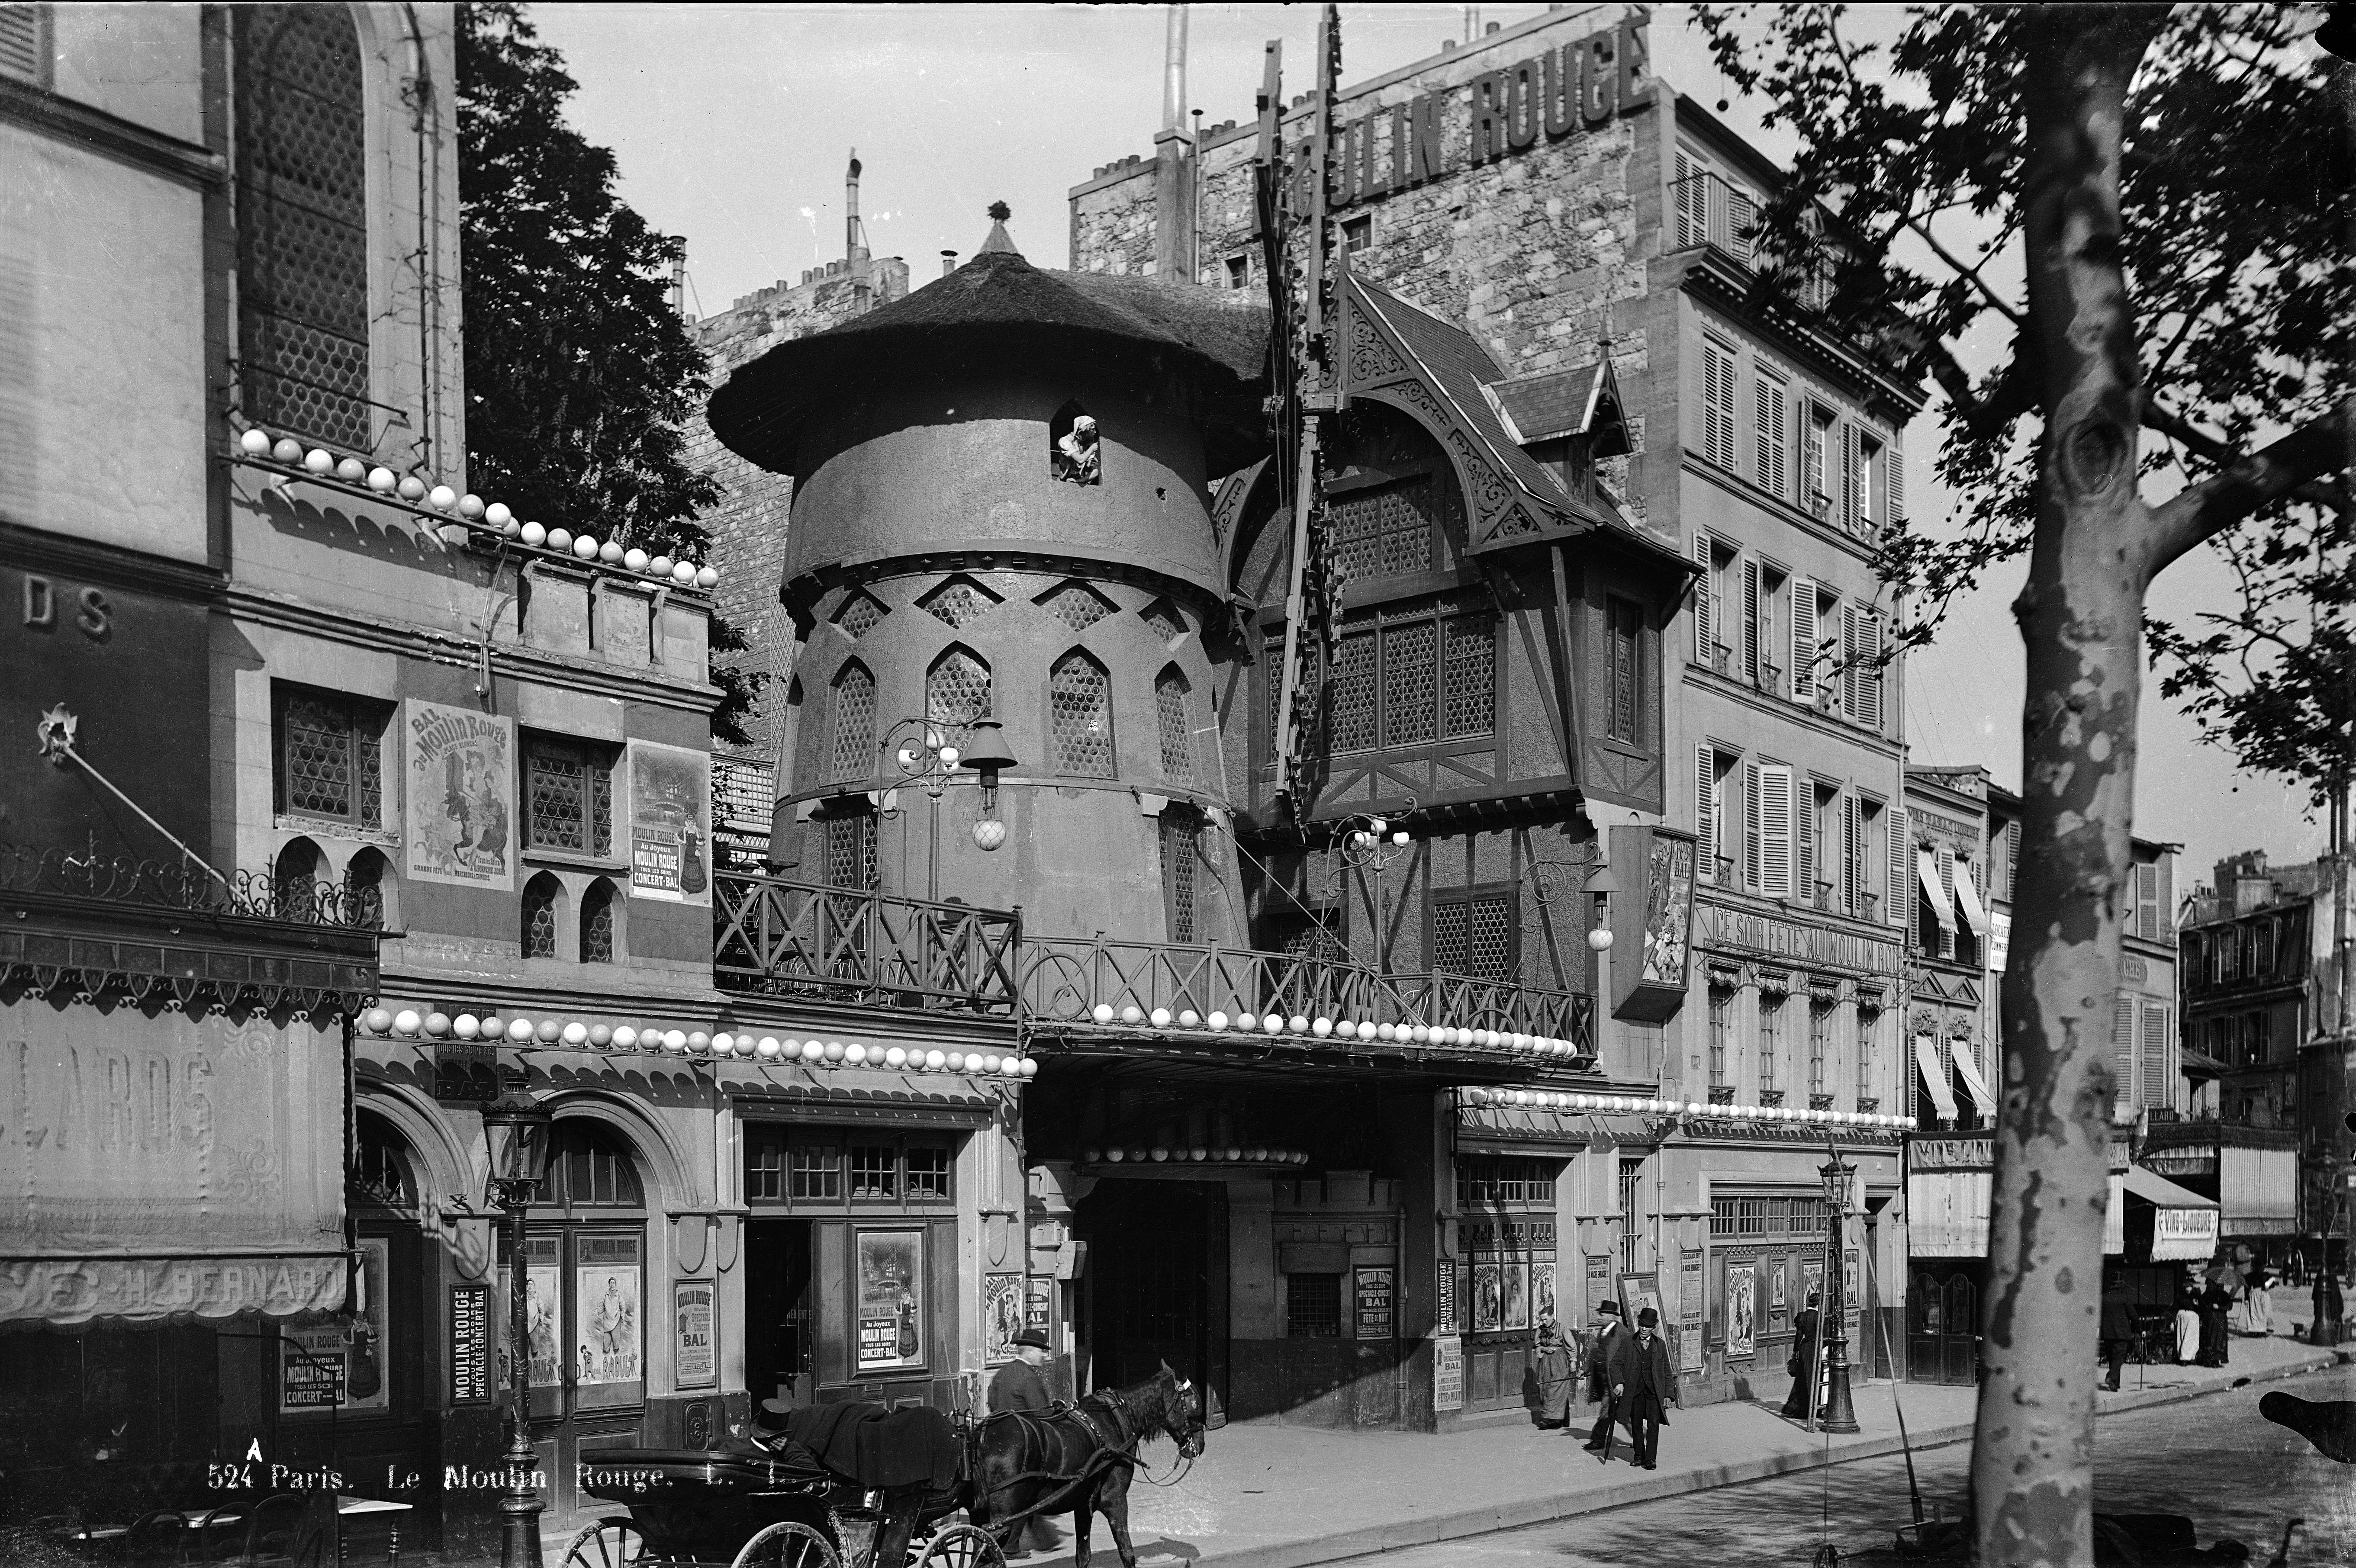 Látnivalók Párizsban: a Moulin Rouge - Messzi tájak Európa